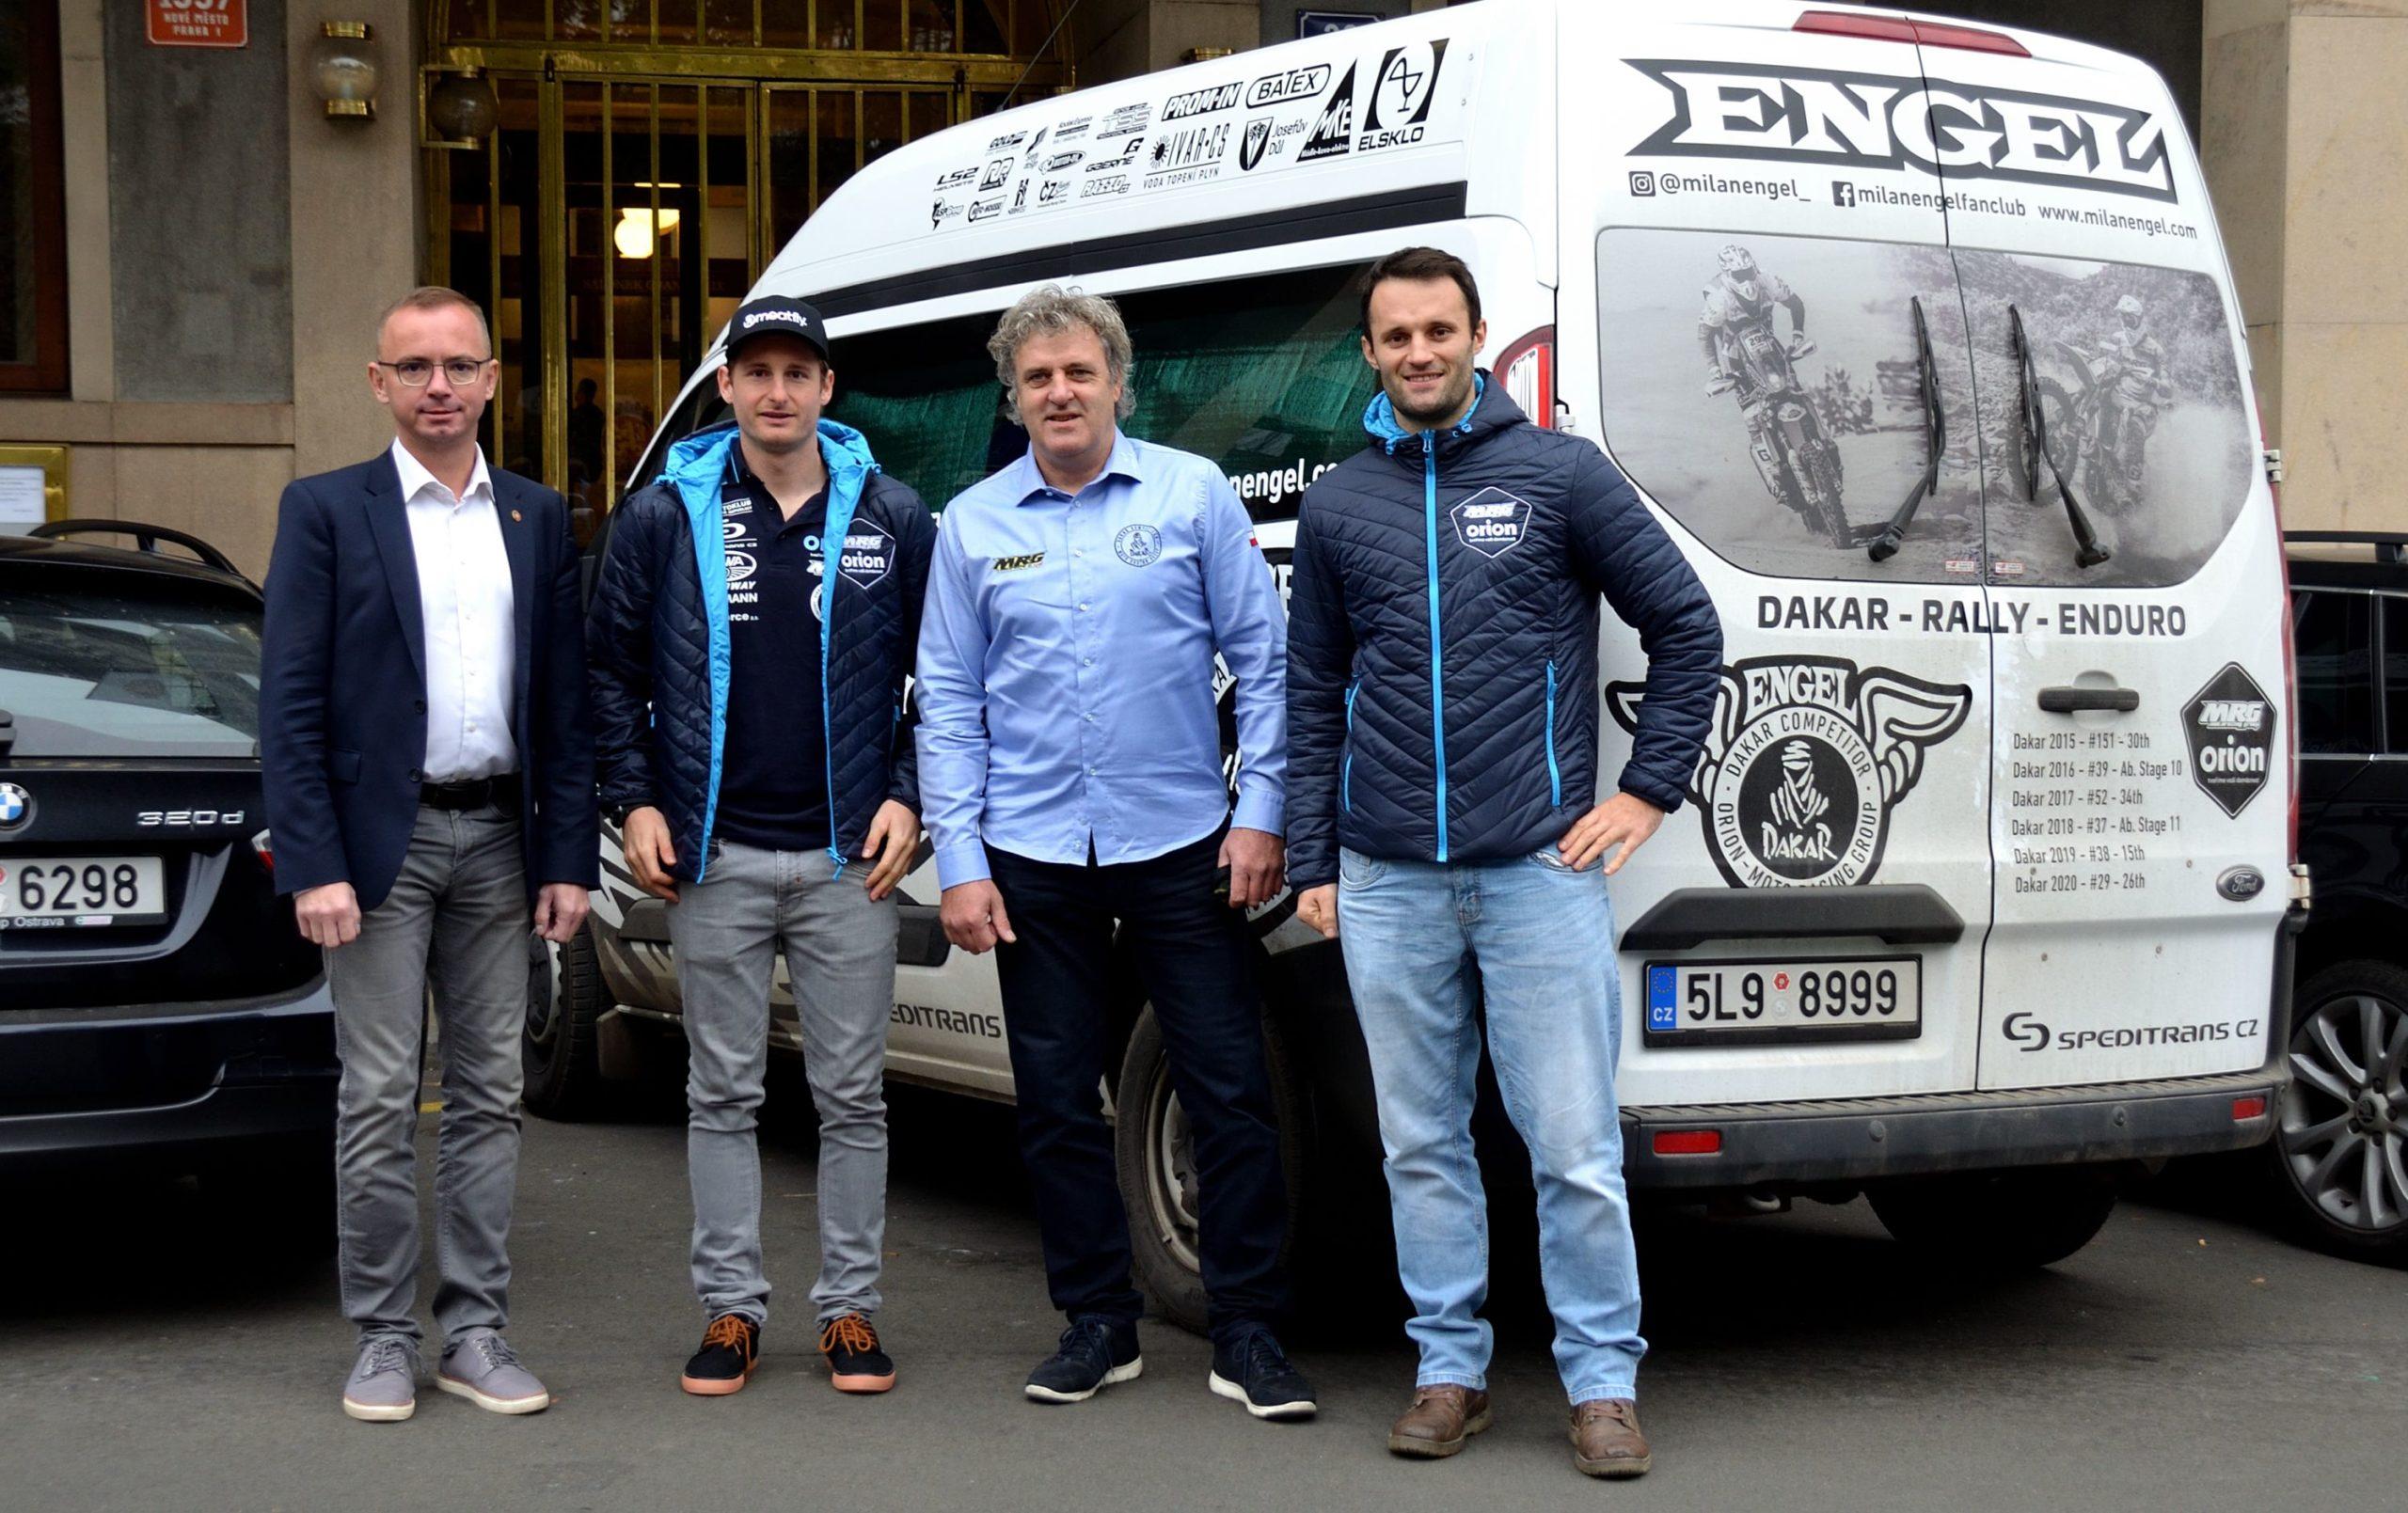 Engel s Michkem jedou na Dakar potvrdit pozici českých jedniček v dálkové rallye